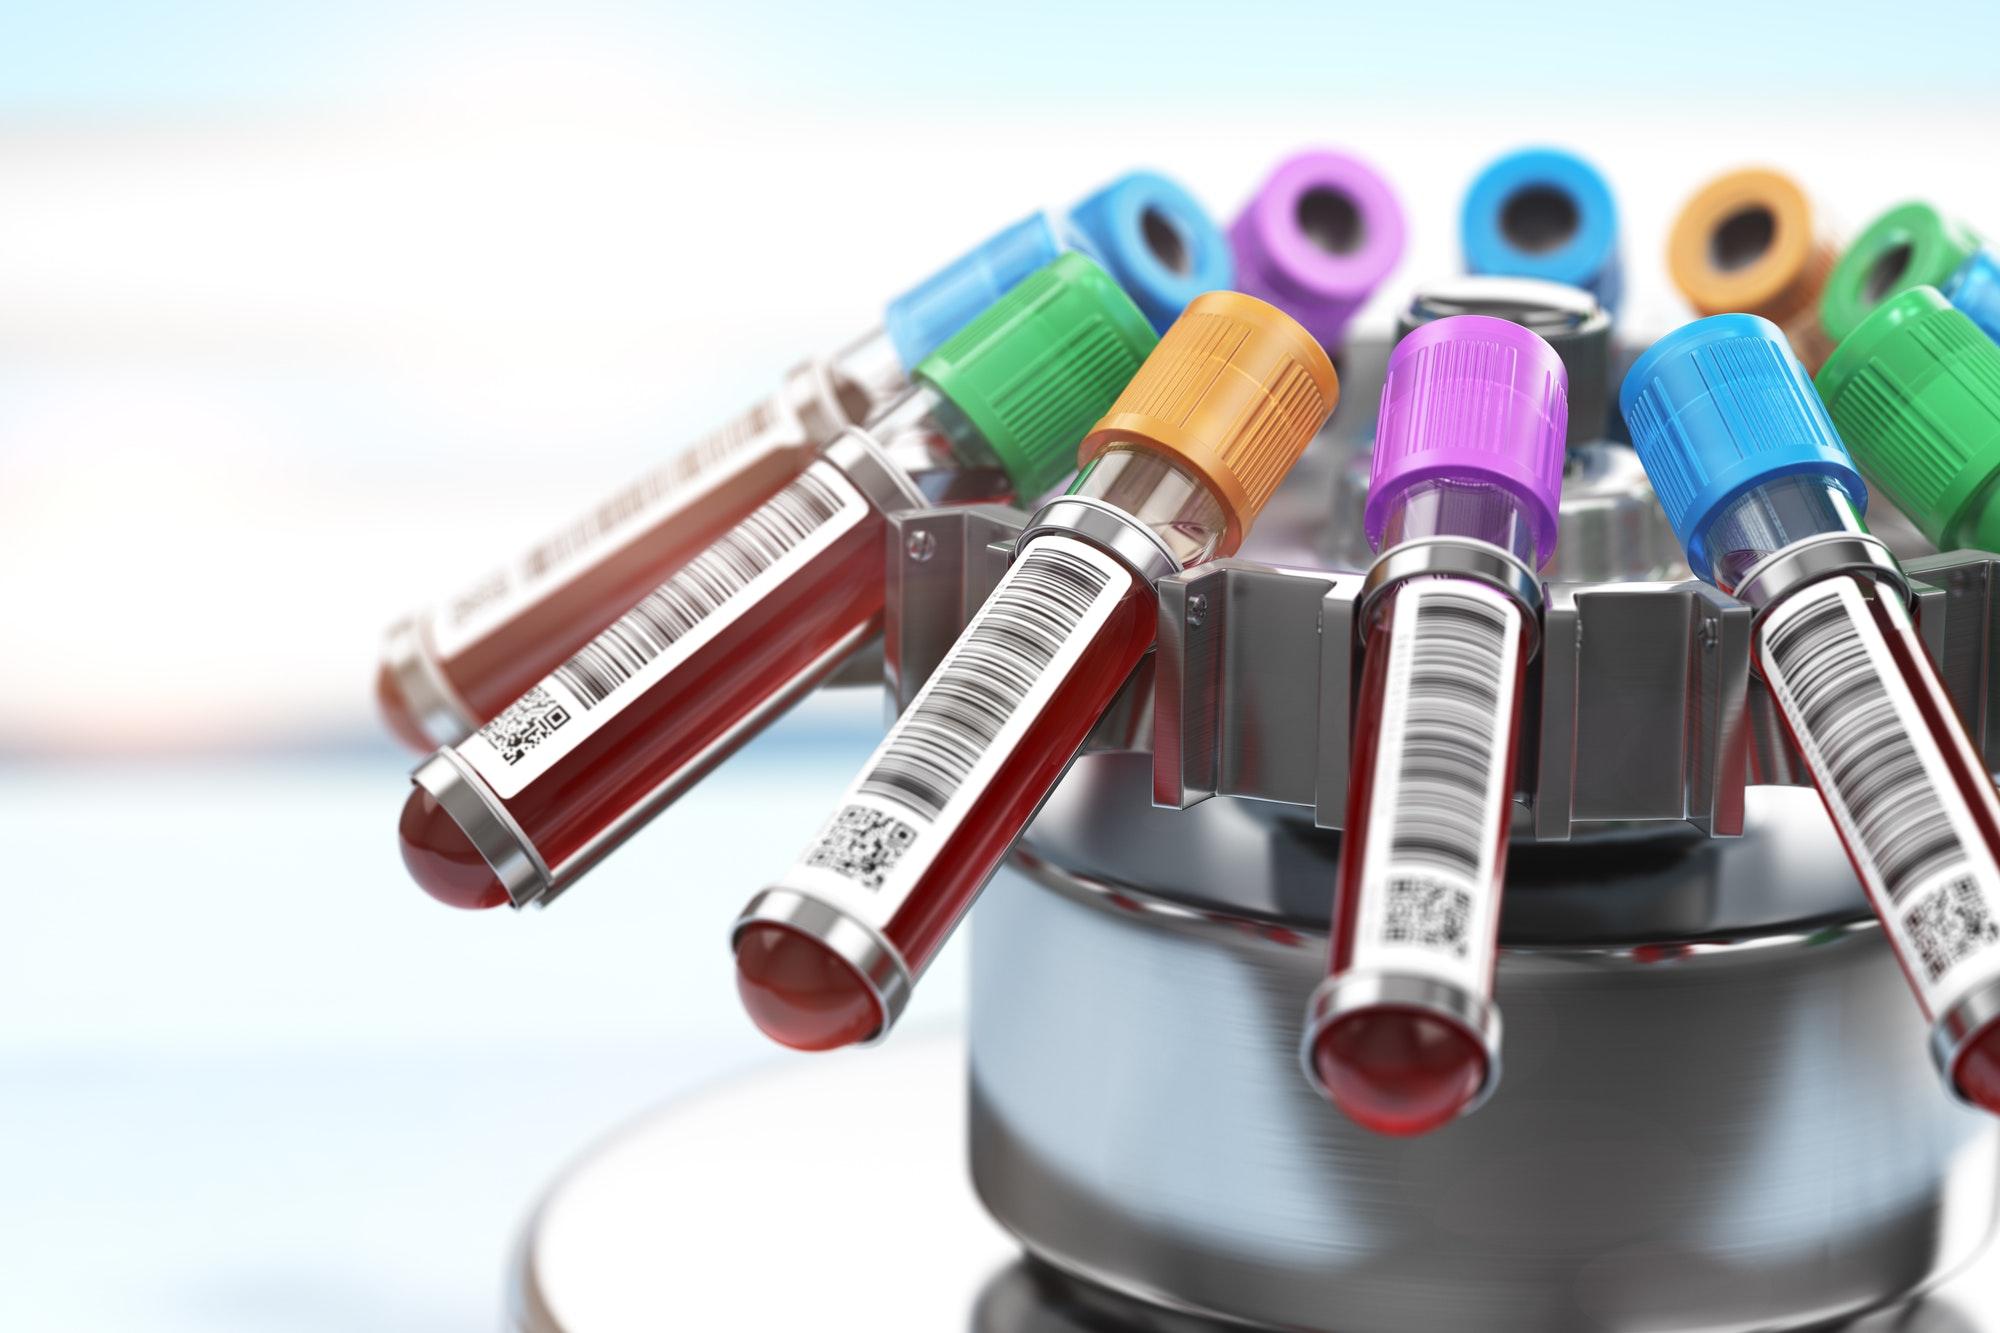 Blood test tubes in centrifuge. Plasma preparation in medical h